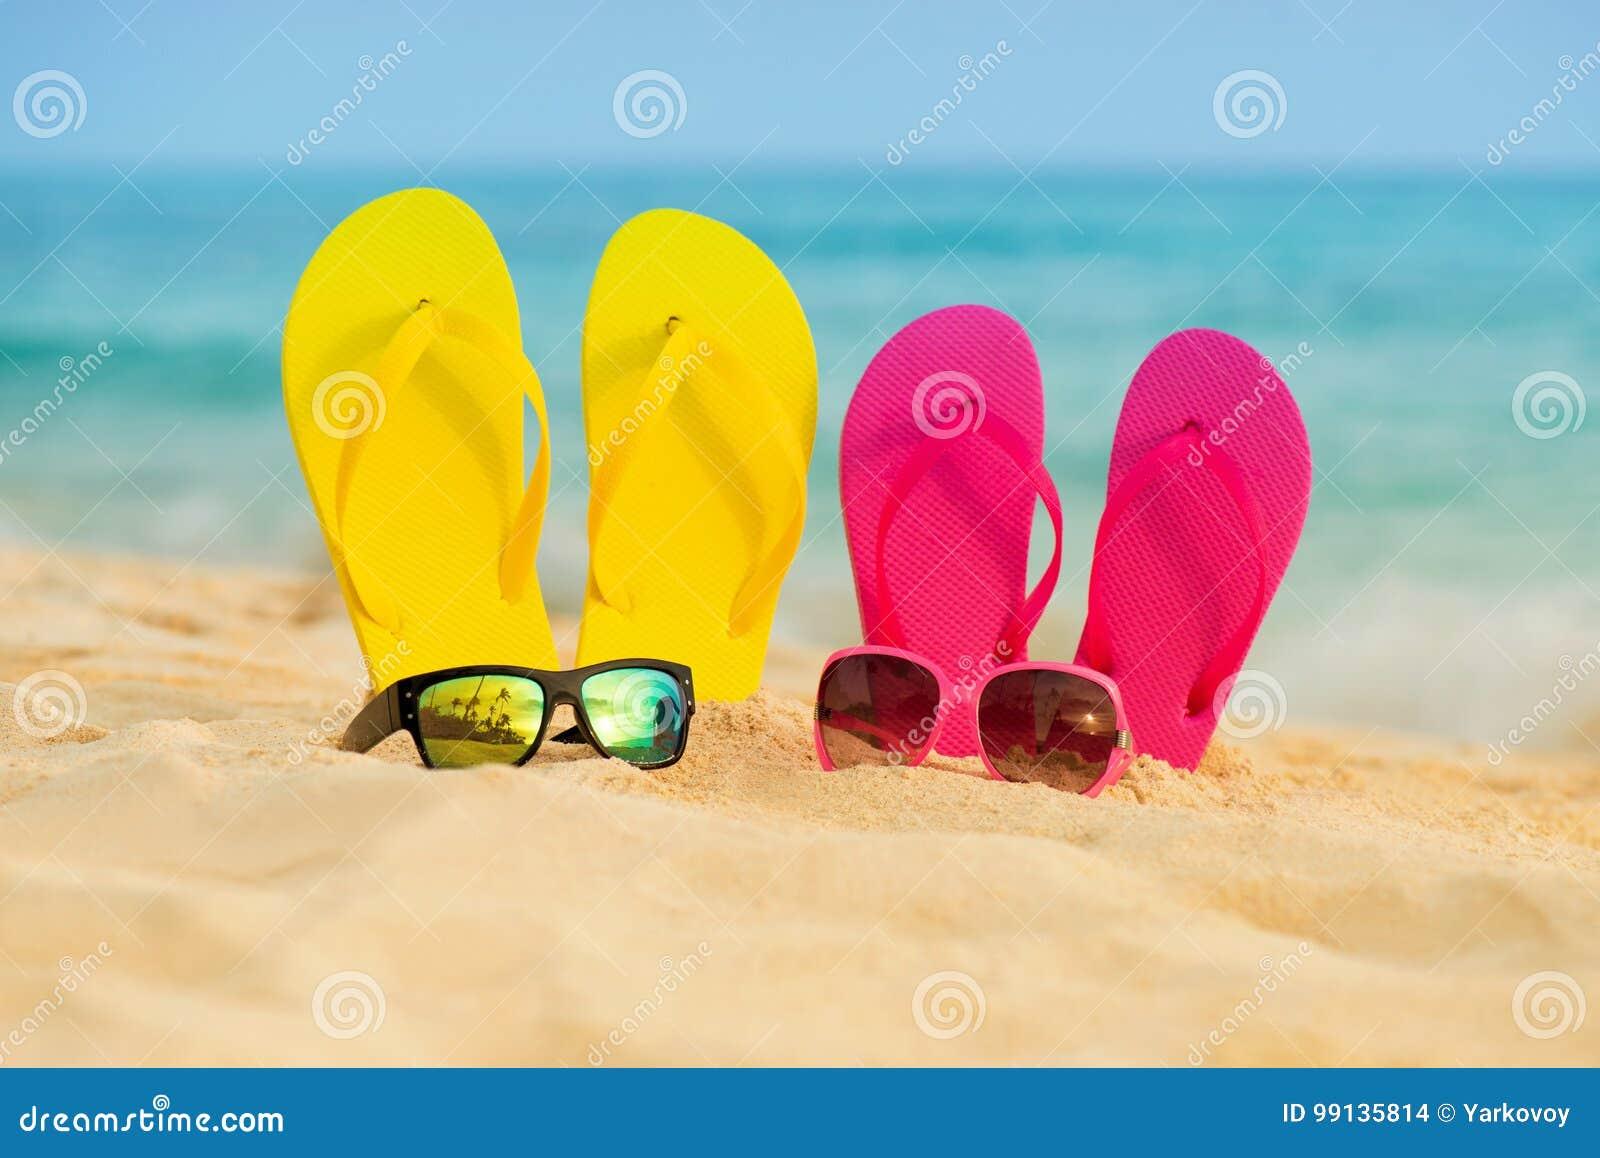 I Vetri Con I Sandali Gialli E Rosa Stanno Nella Sabbia Contro Lo